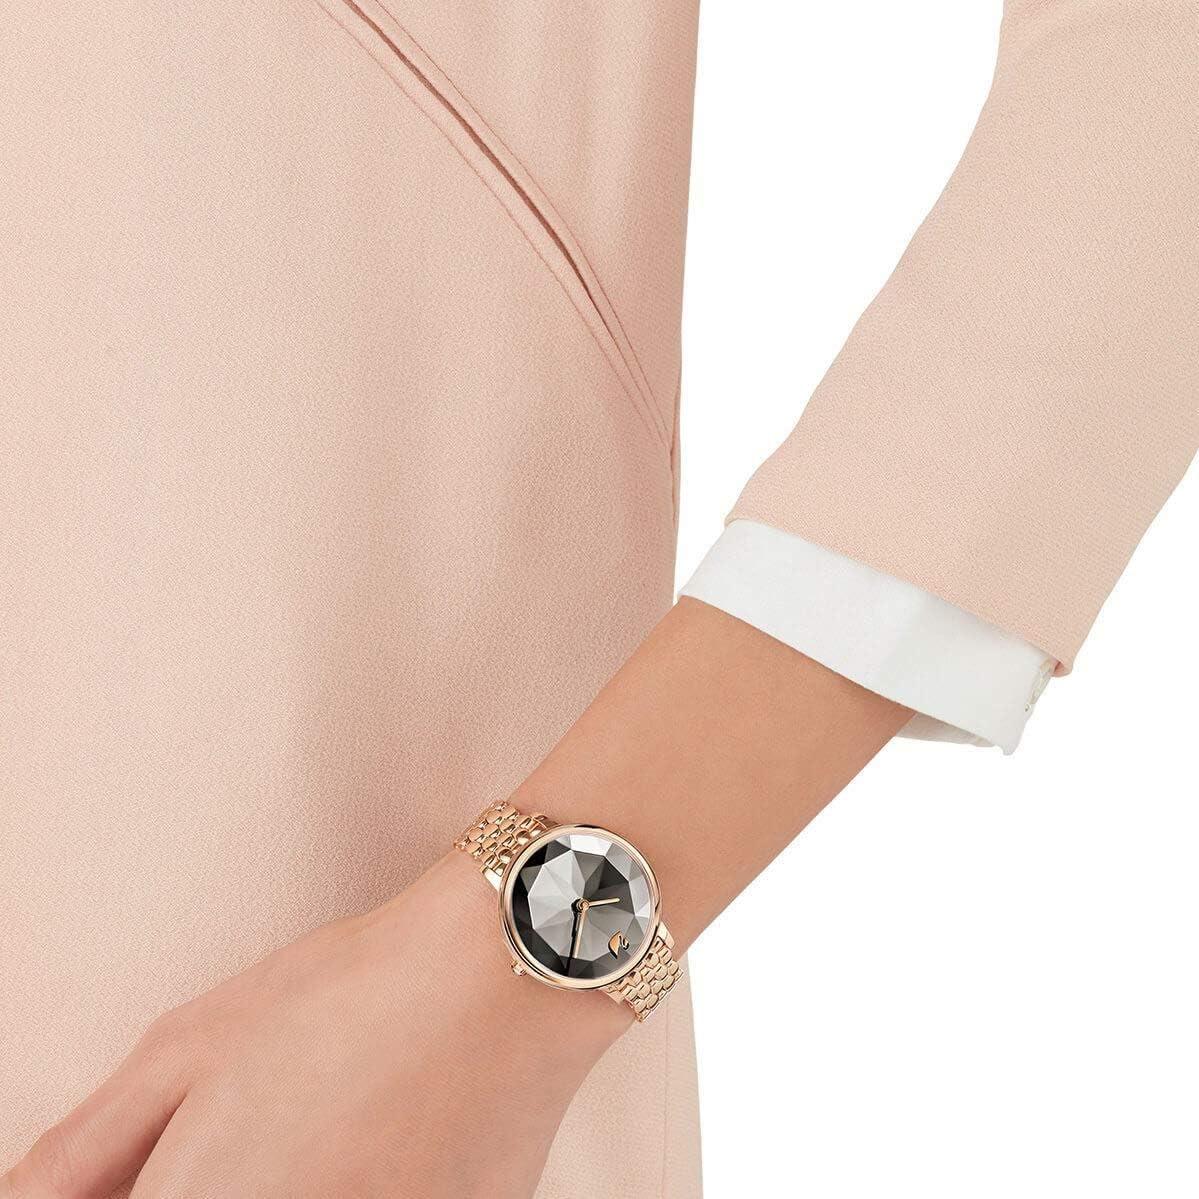 Swarovski Crystal Lake Watch Metal Bracelet Gray Rose Gold Tone